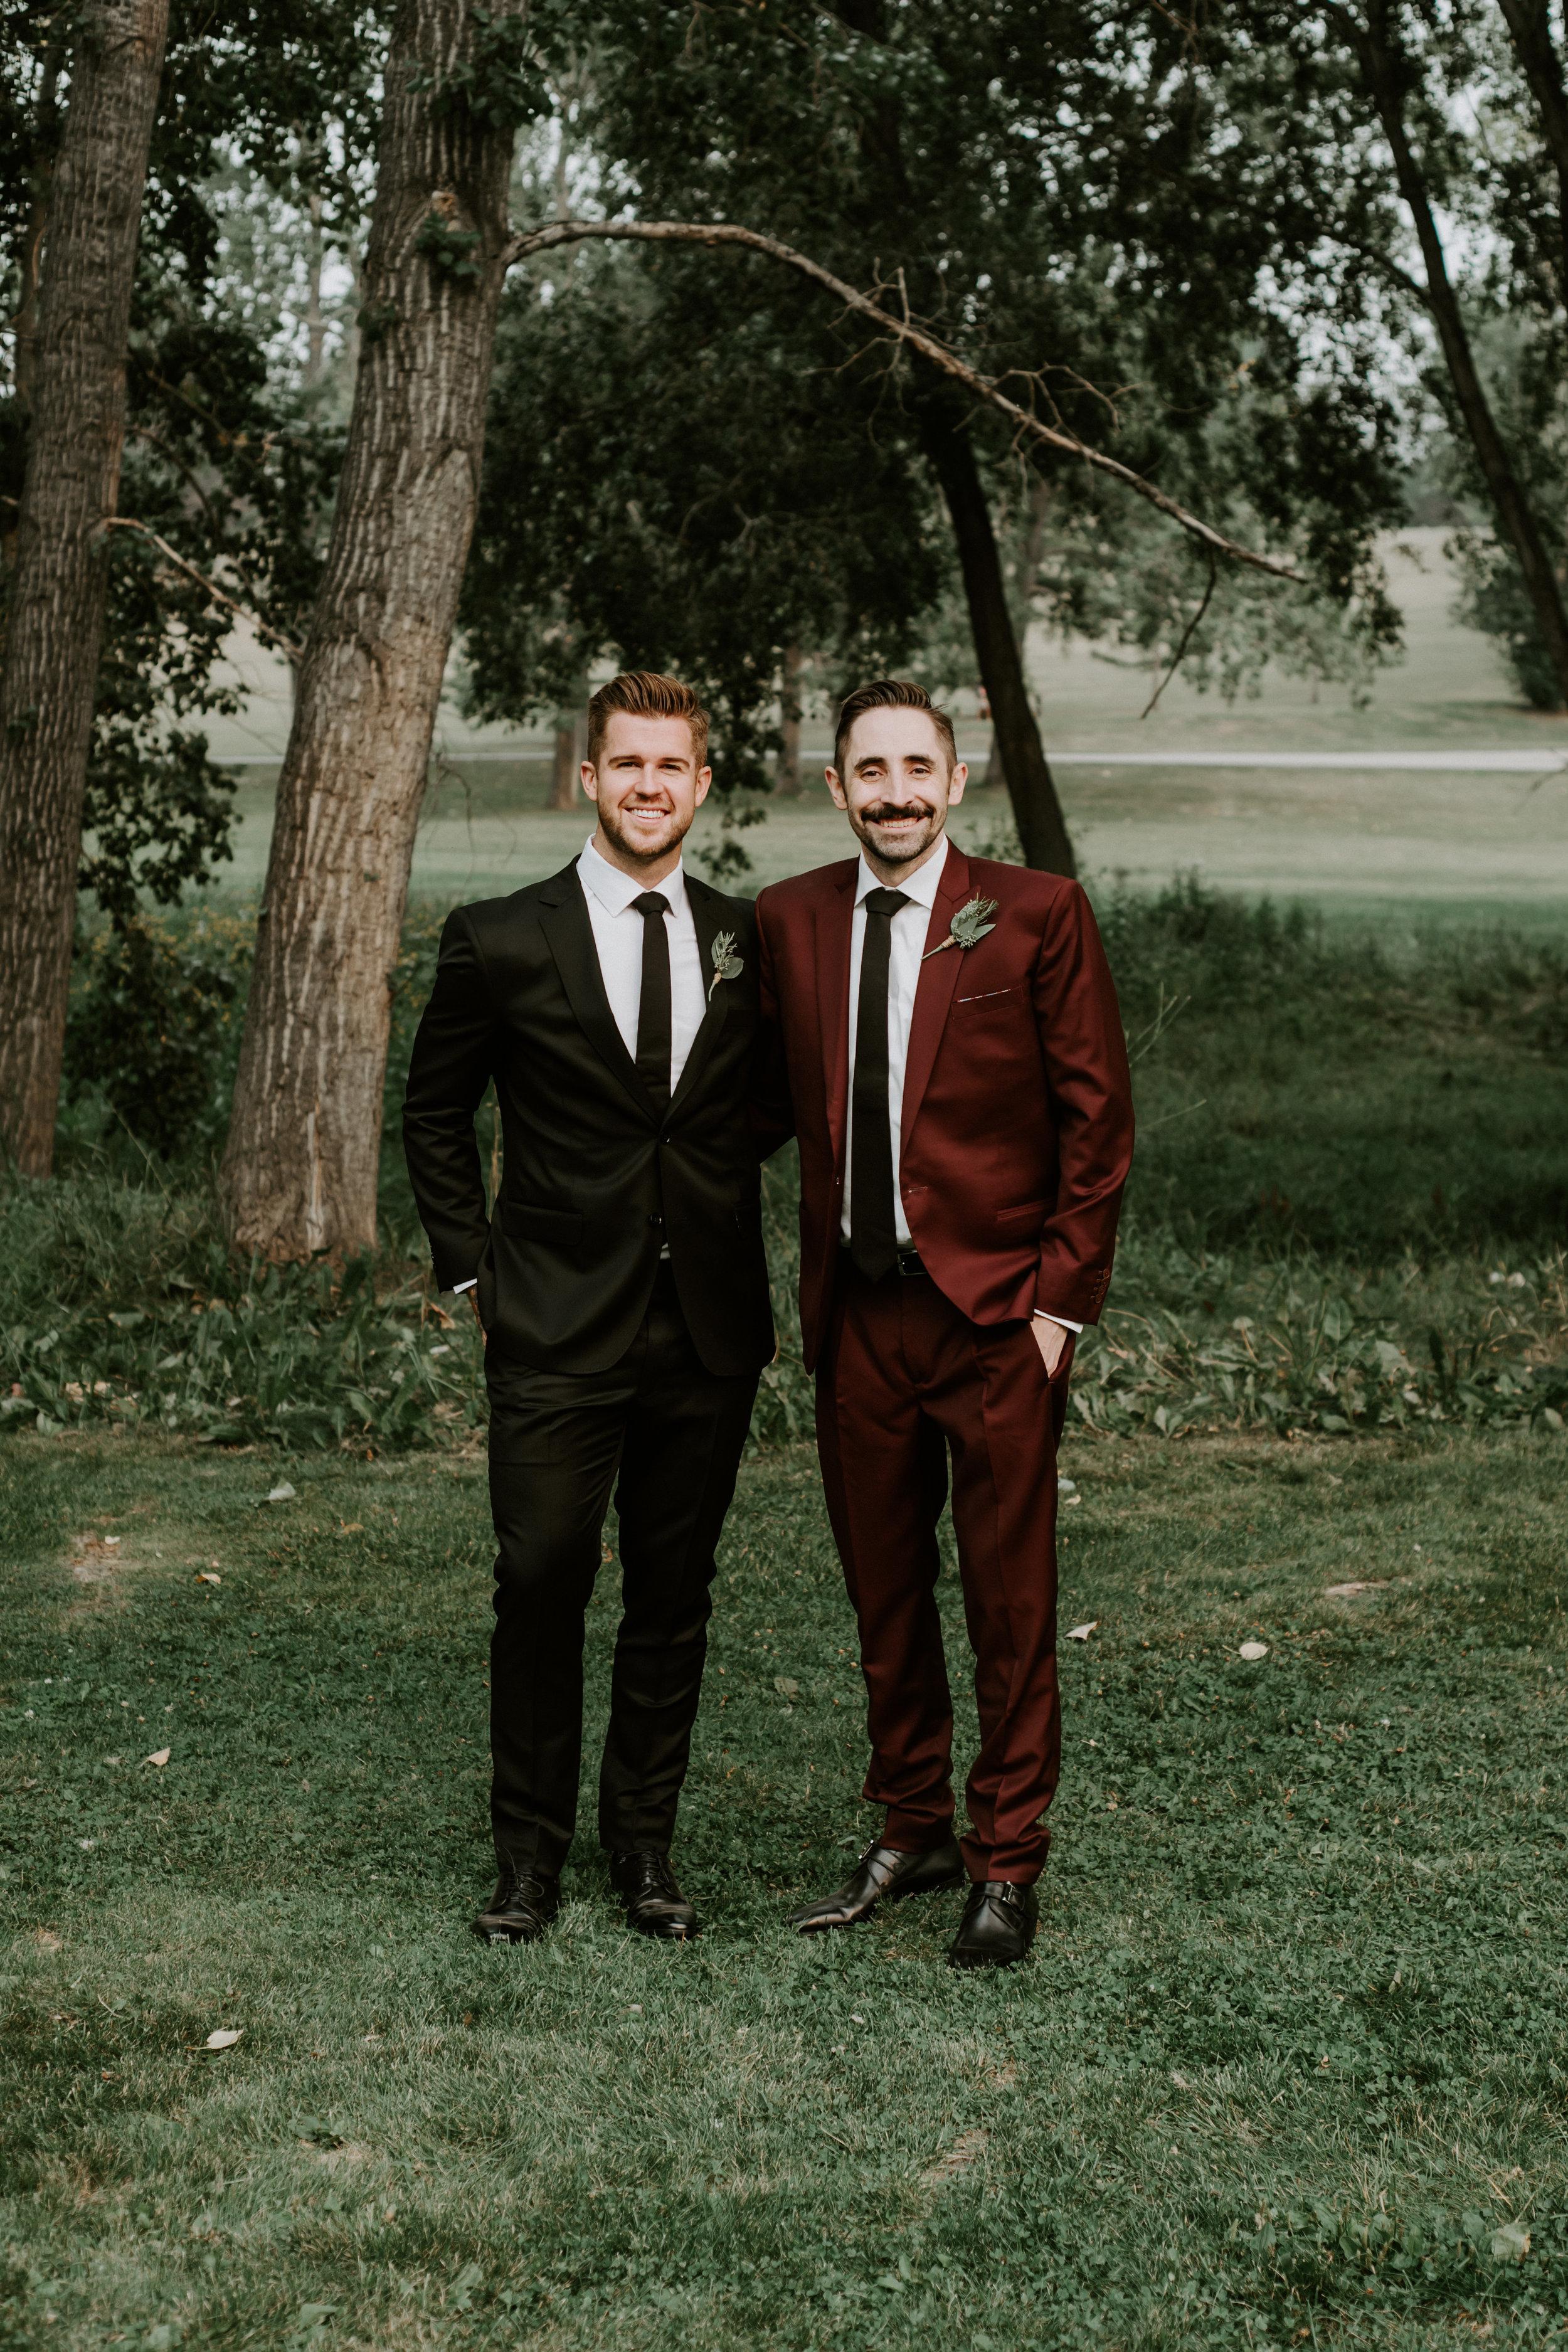 Calgary Wedding Photographer - 53 of 84.jpg